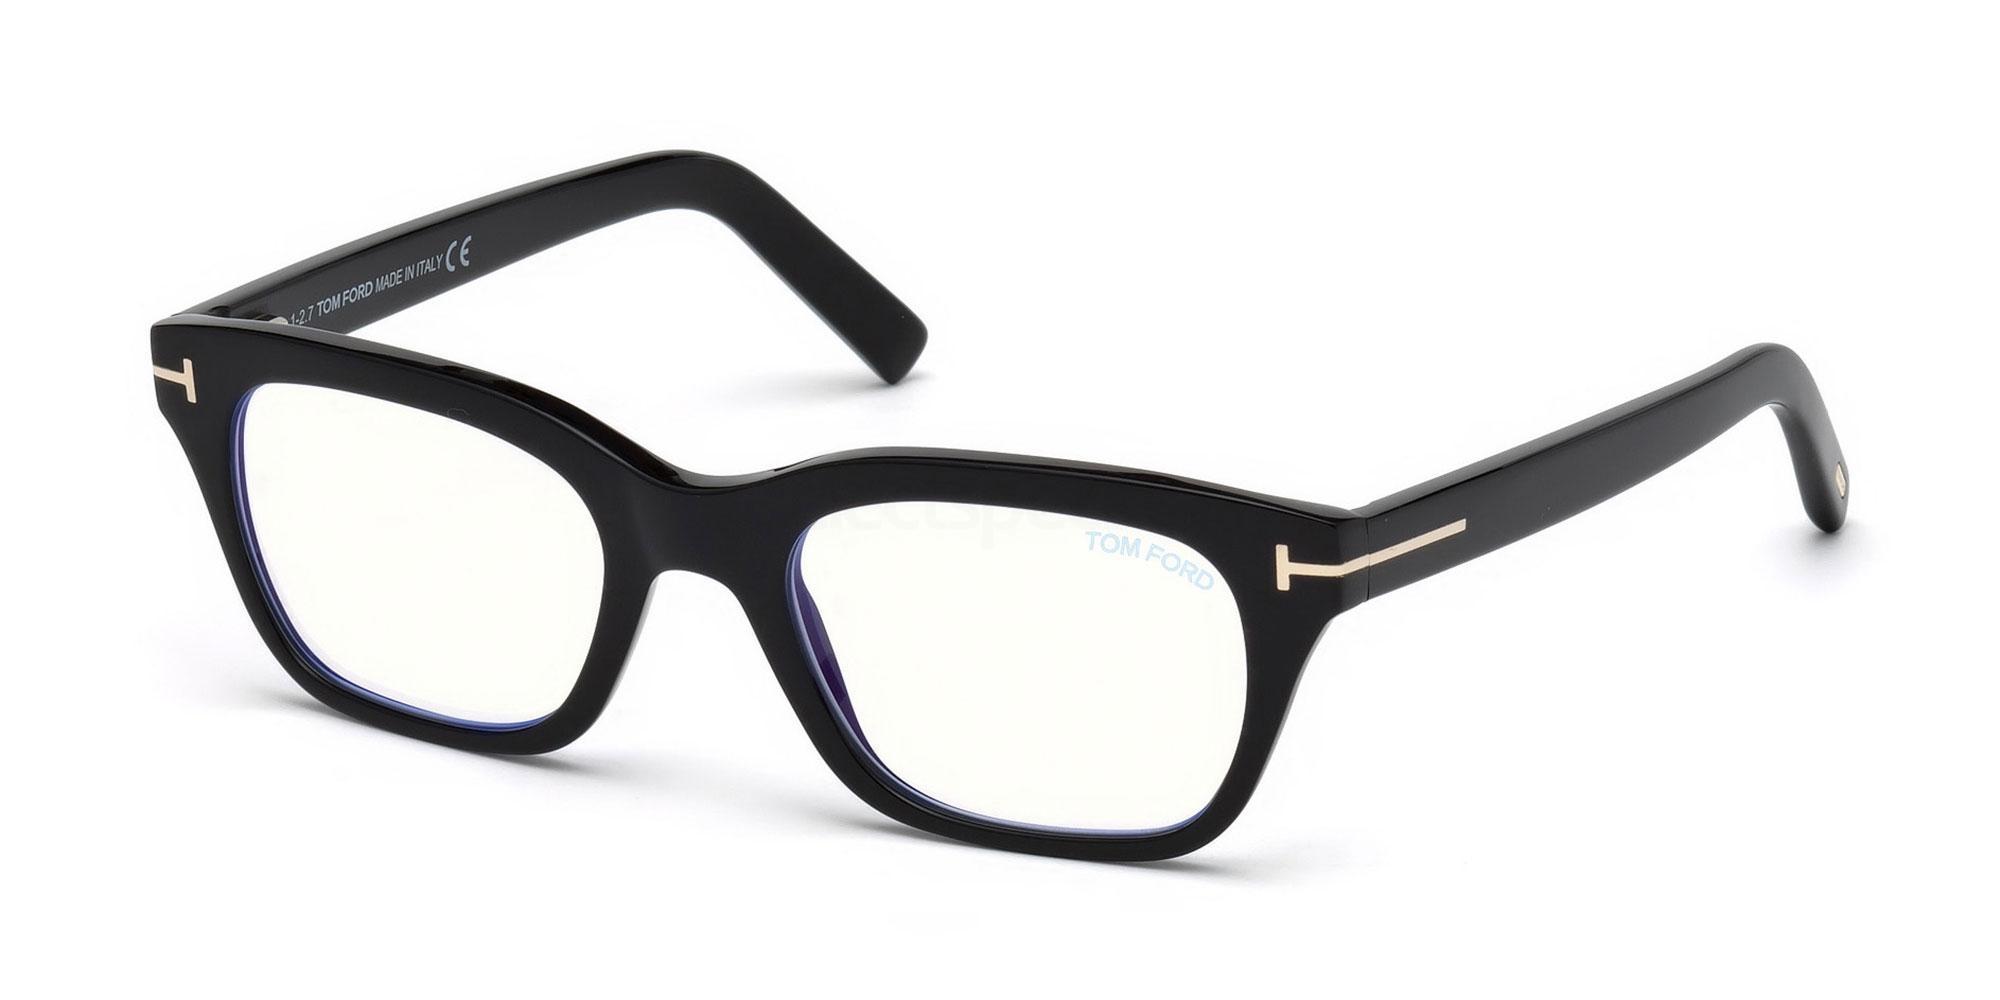 001 FT5536-B Glasses, Tom Ford